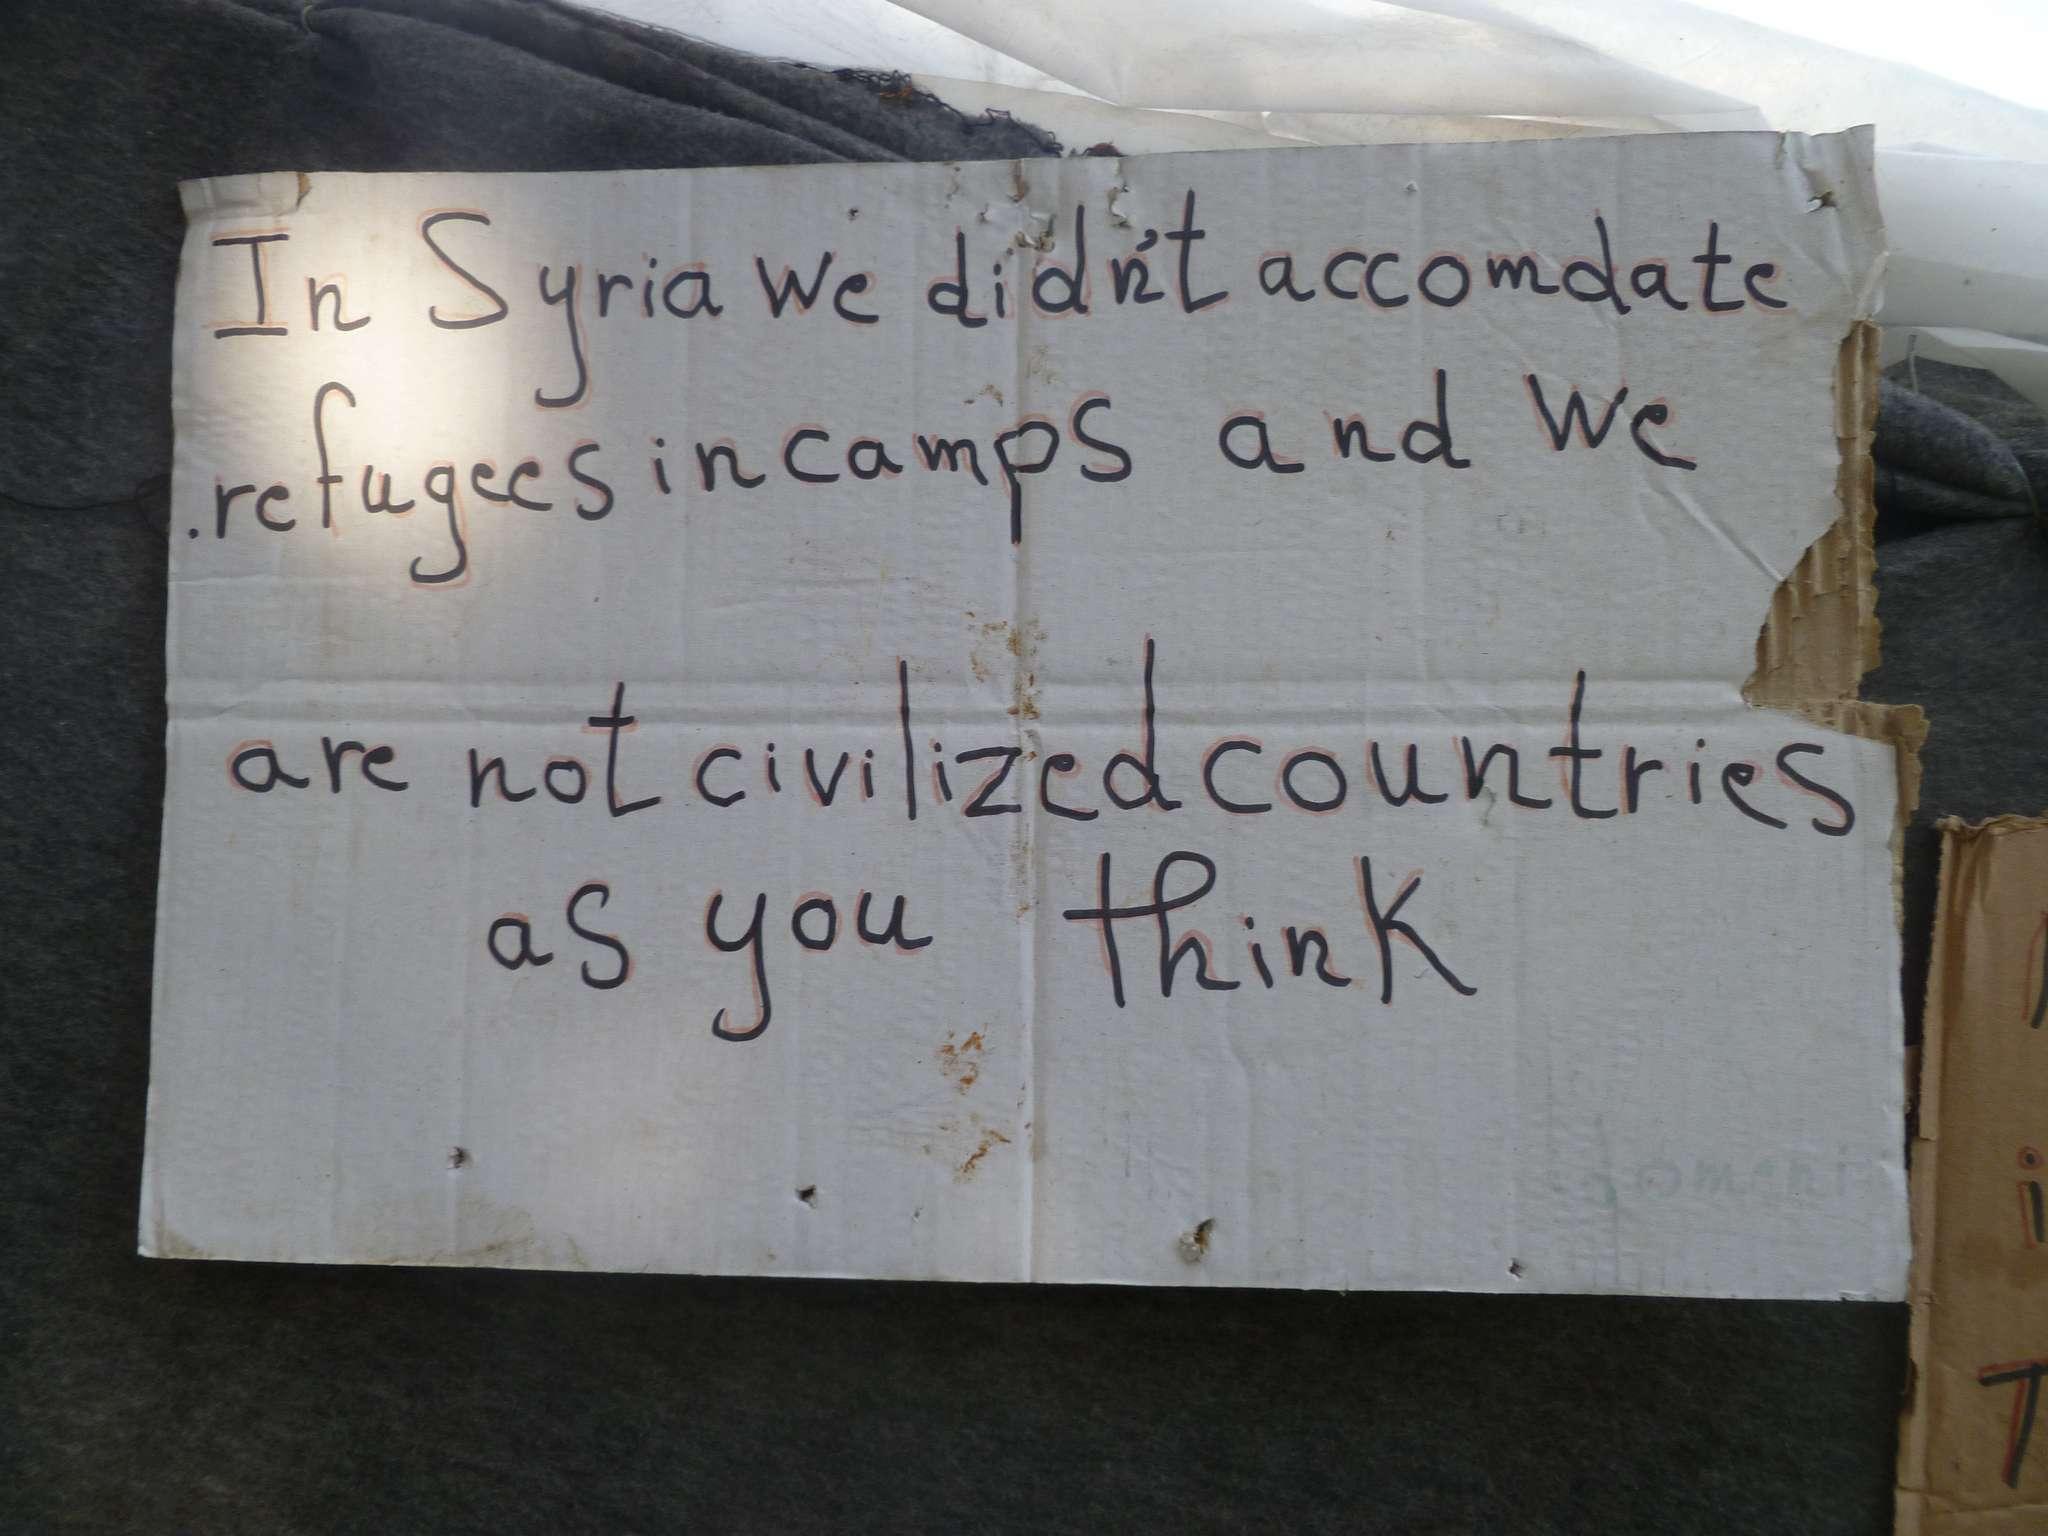 refugiados-denuncia-social-p1050096